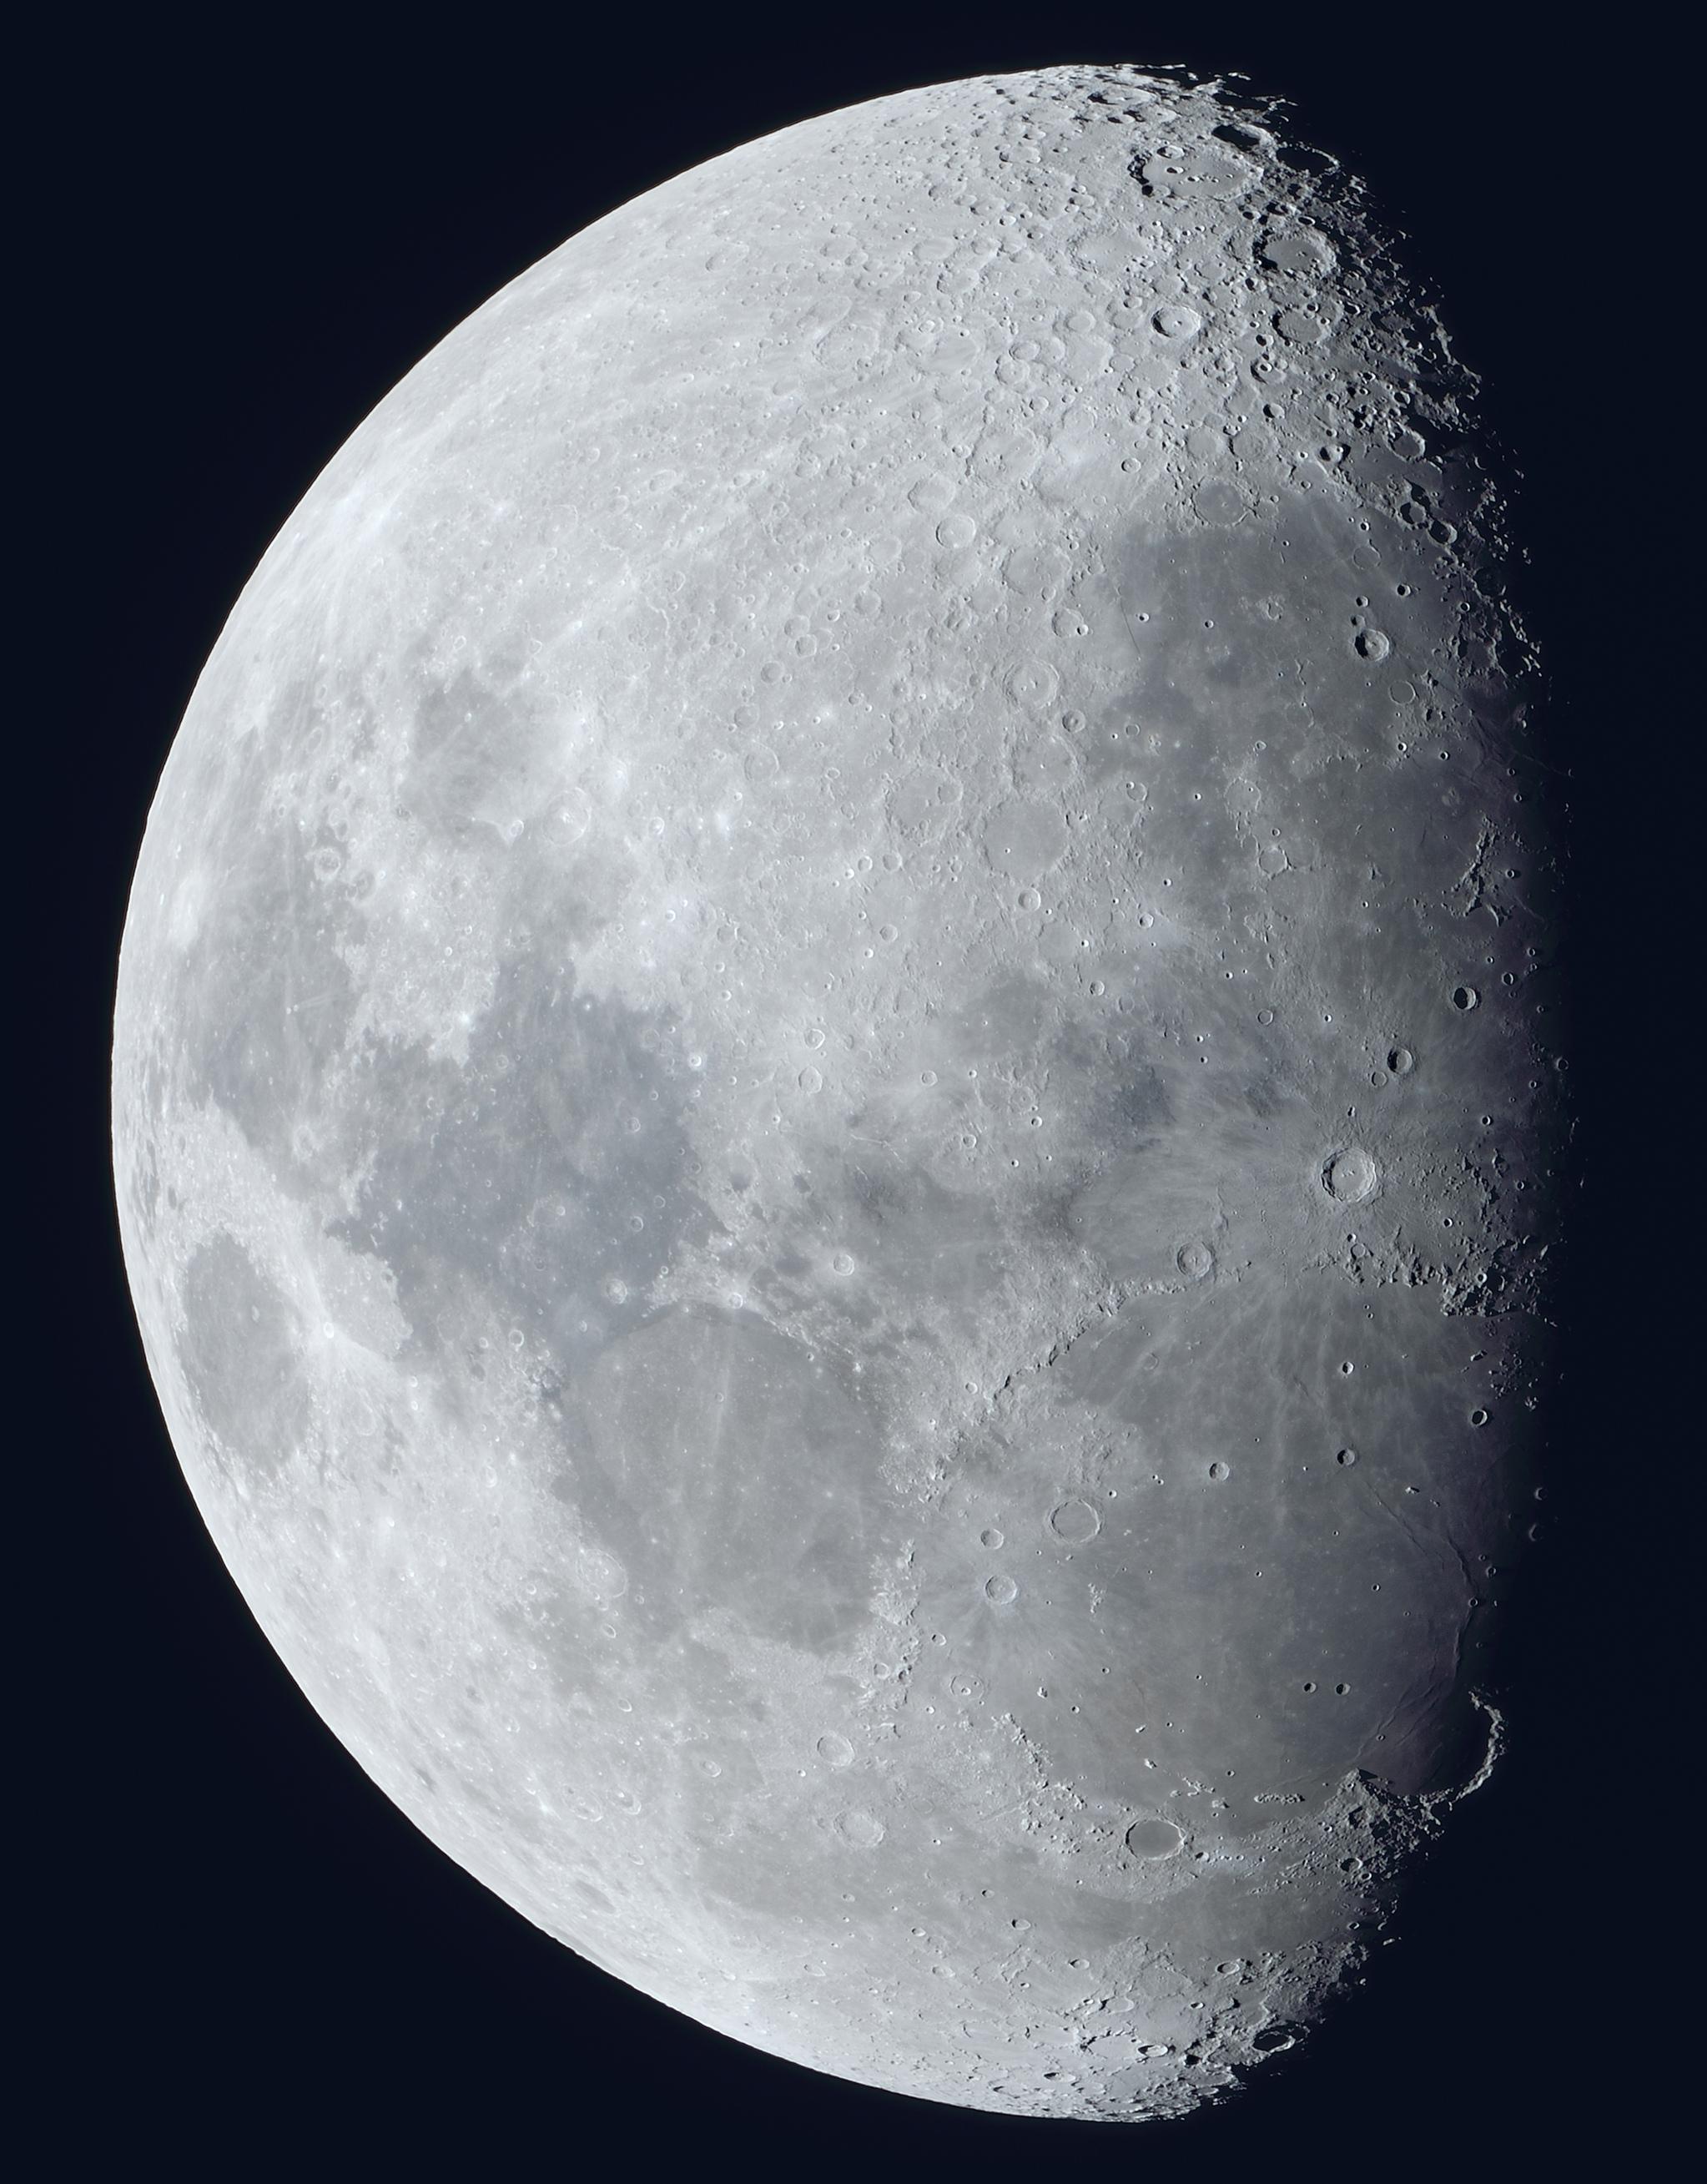 La lune du 28 Novembre, Fluorite FC76 et Nikon D810